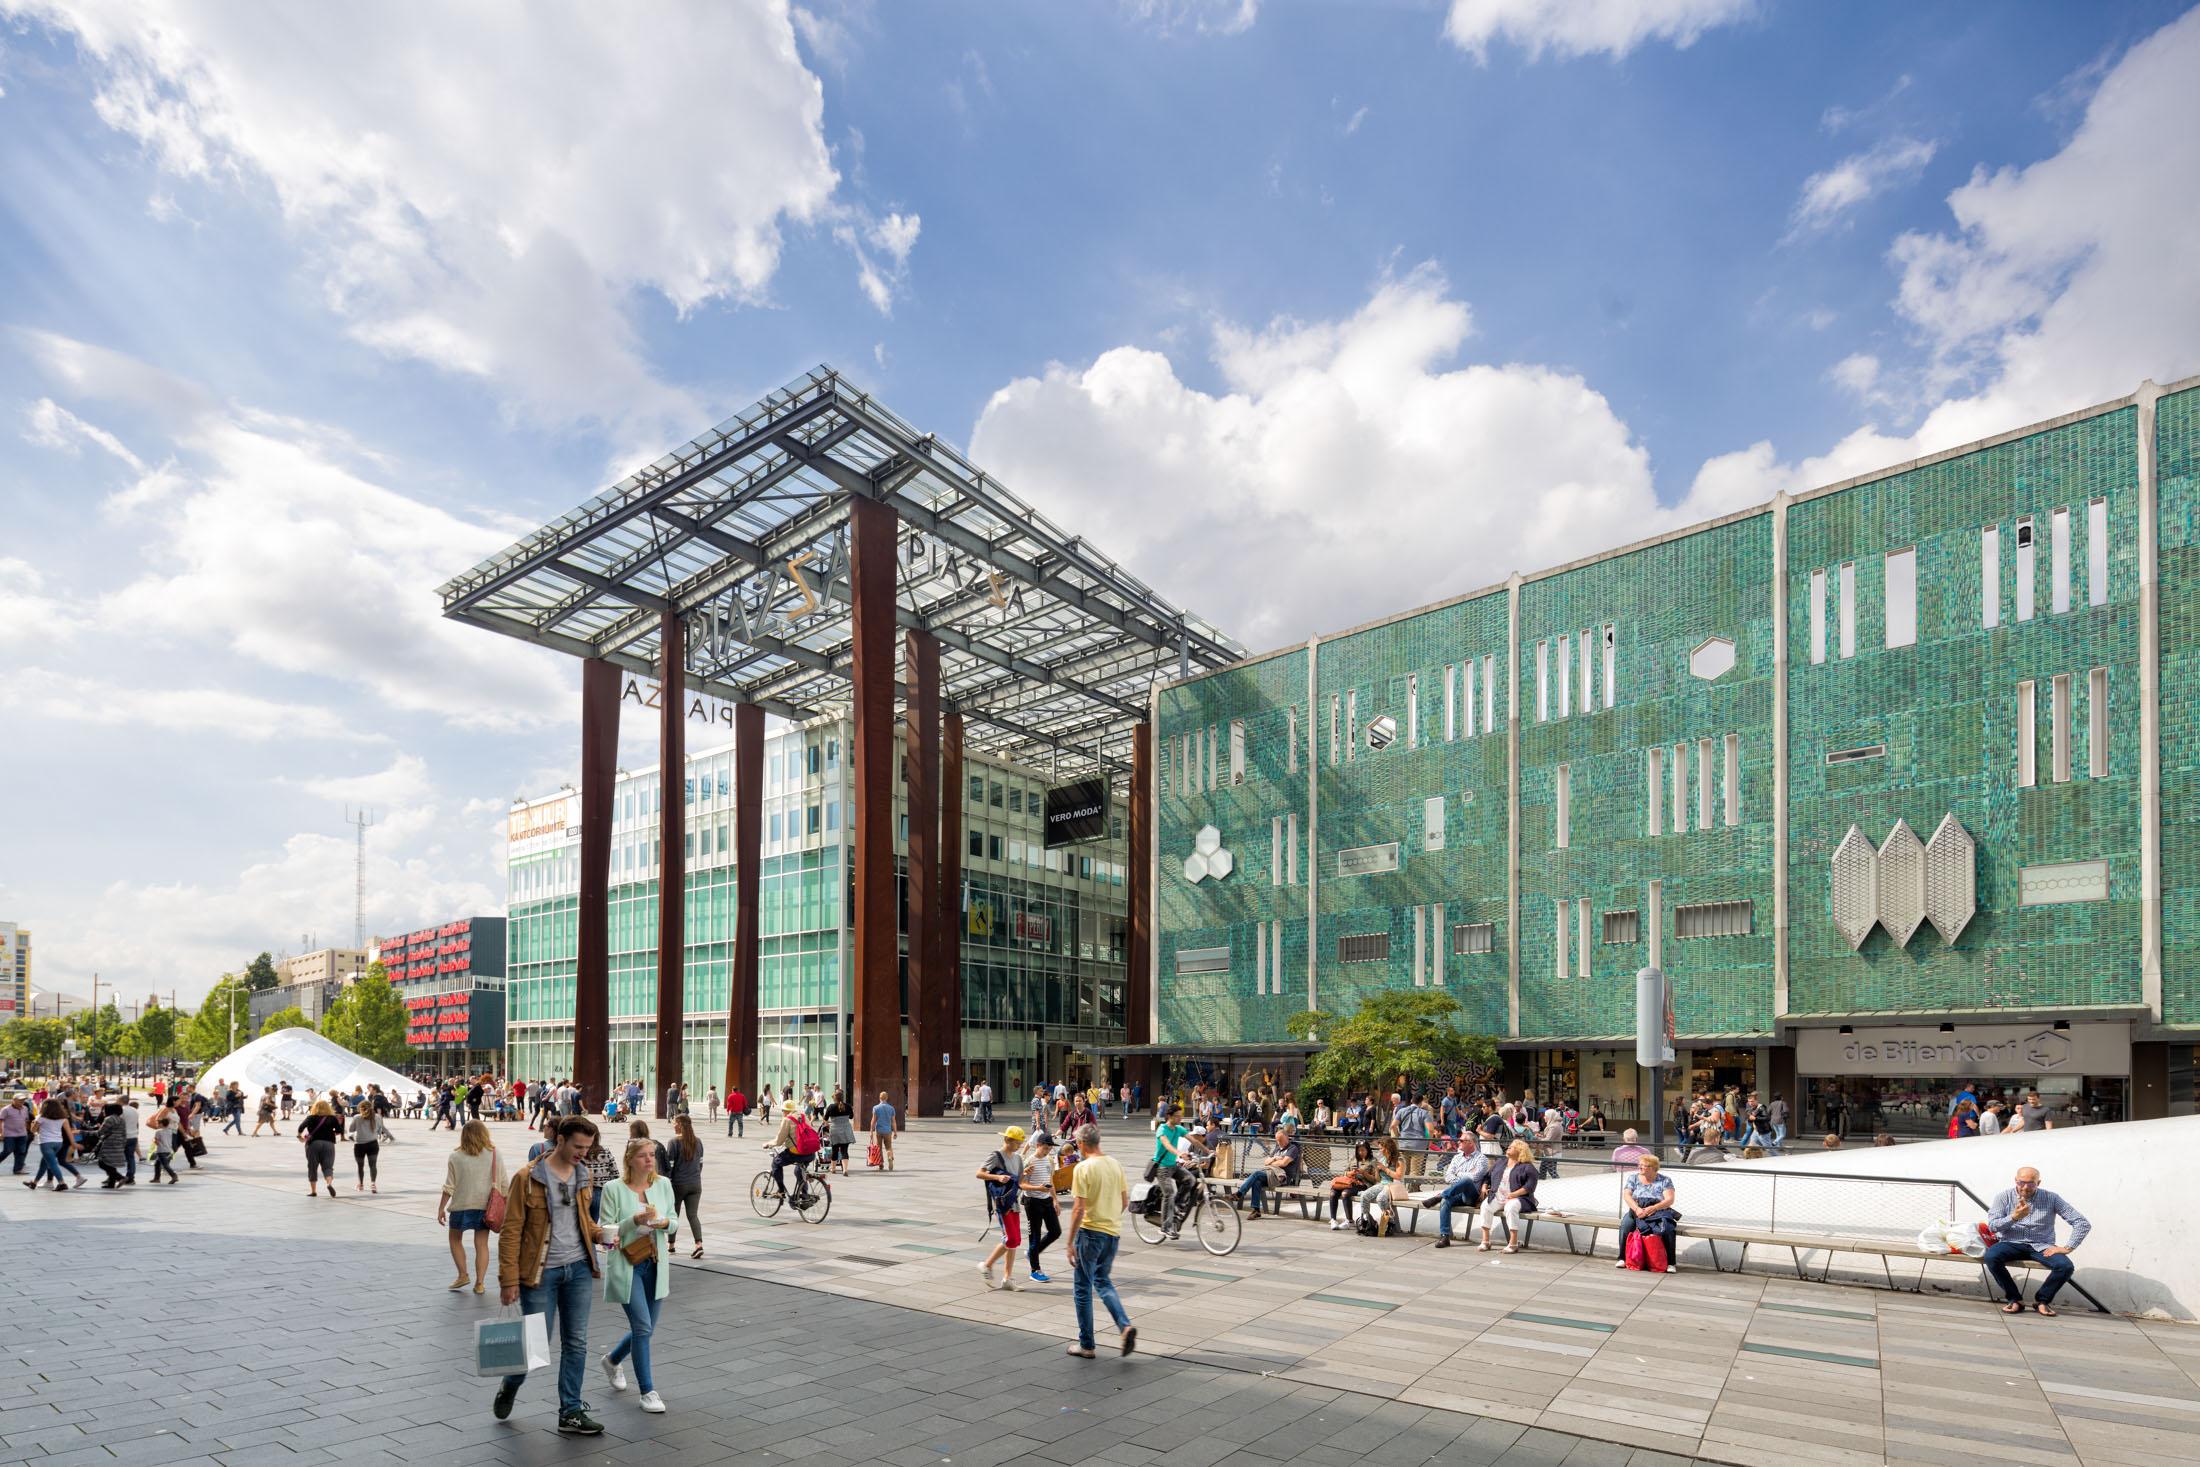 Eindhoven-Piazza.jpg